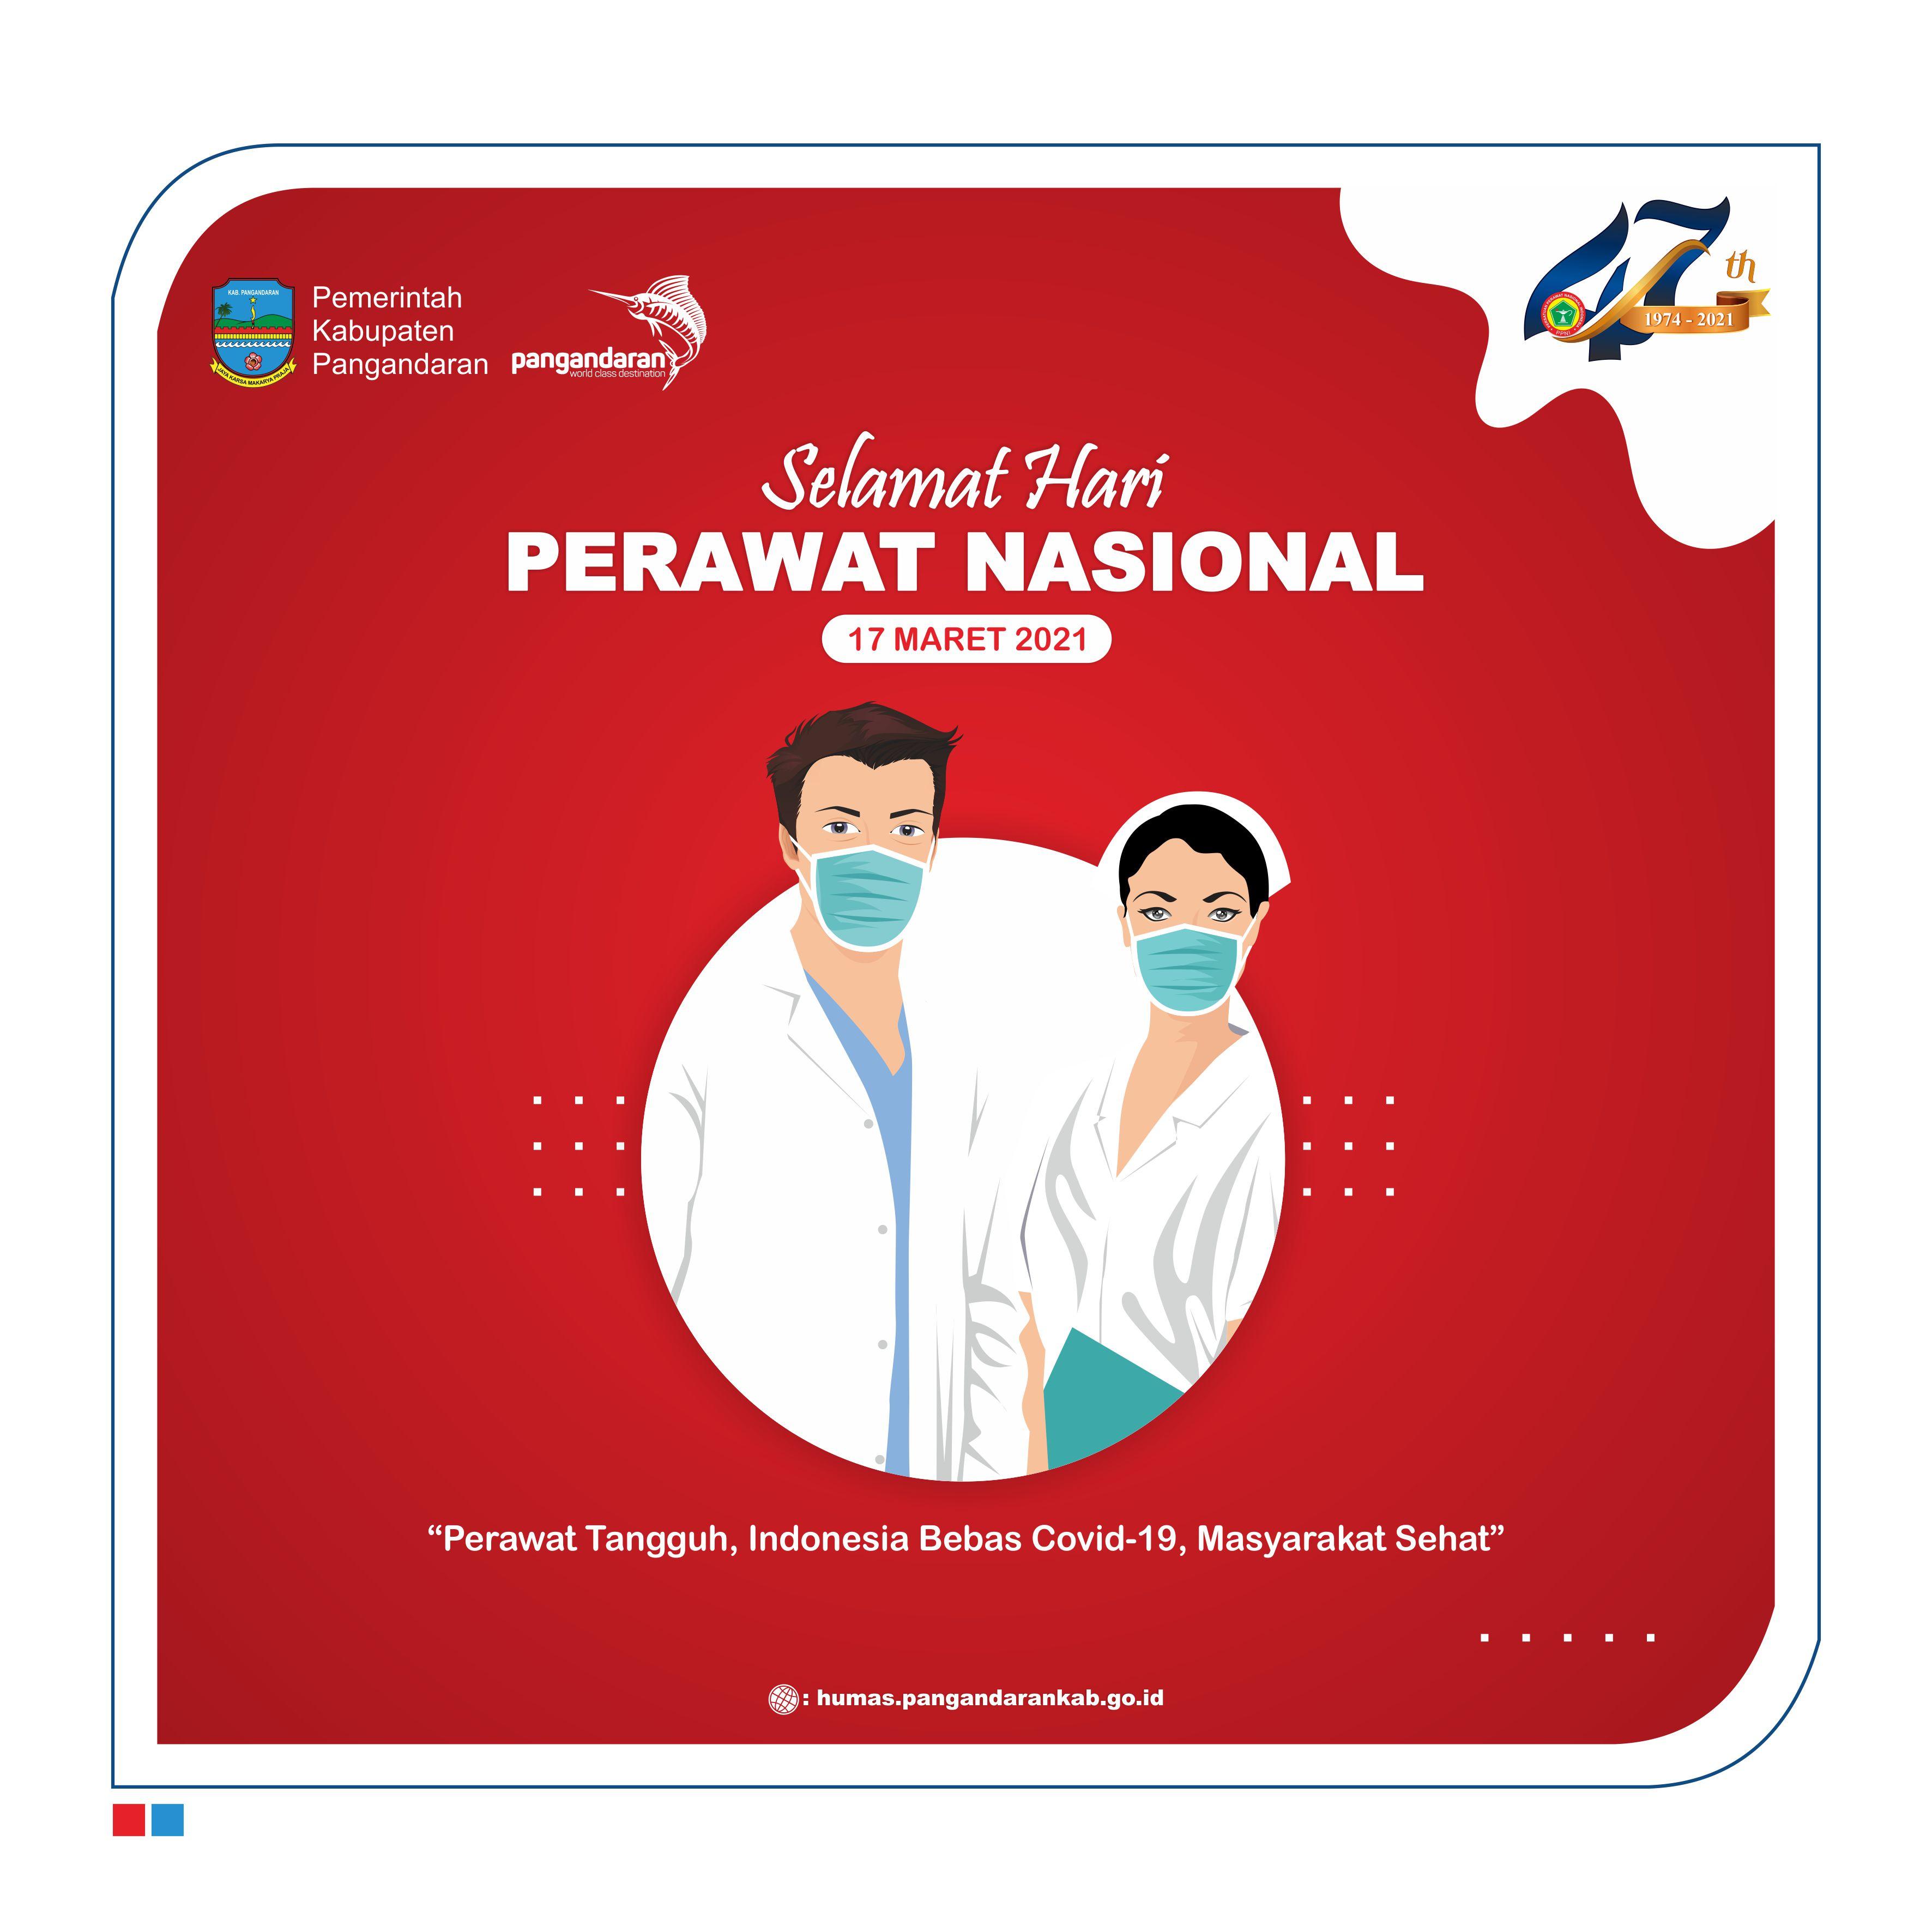 Selamat Hari Perawat Nasional Tahun 2021